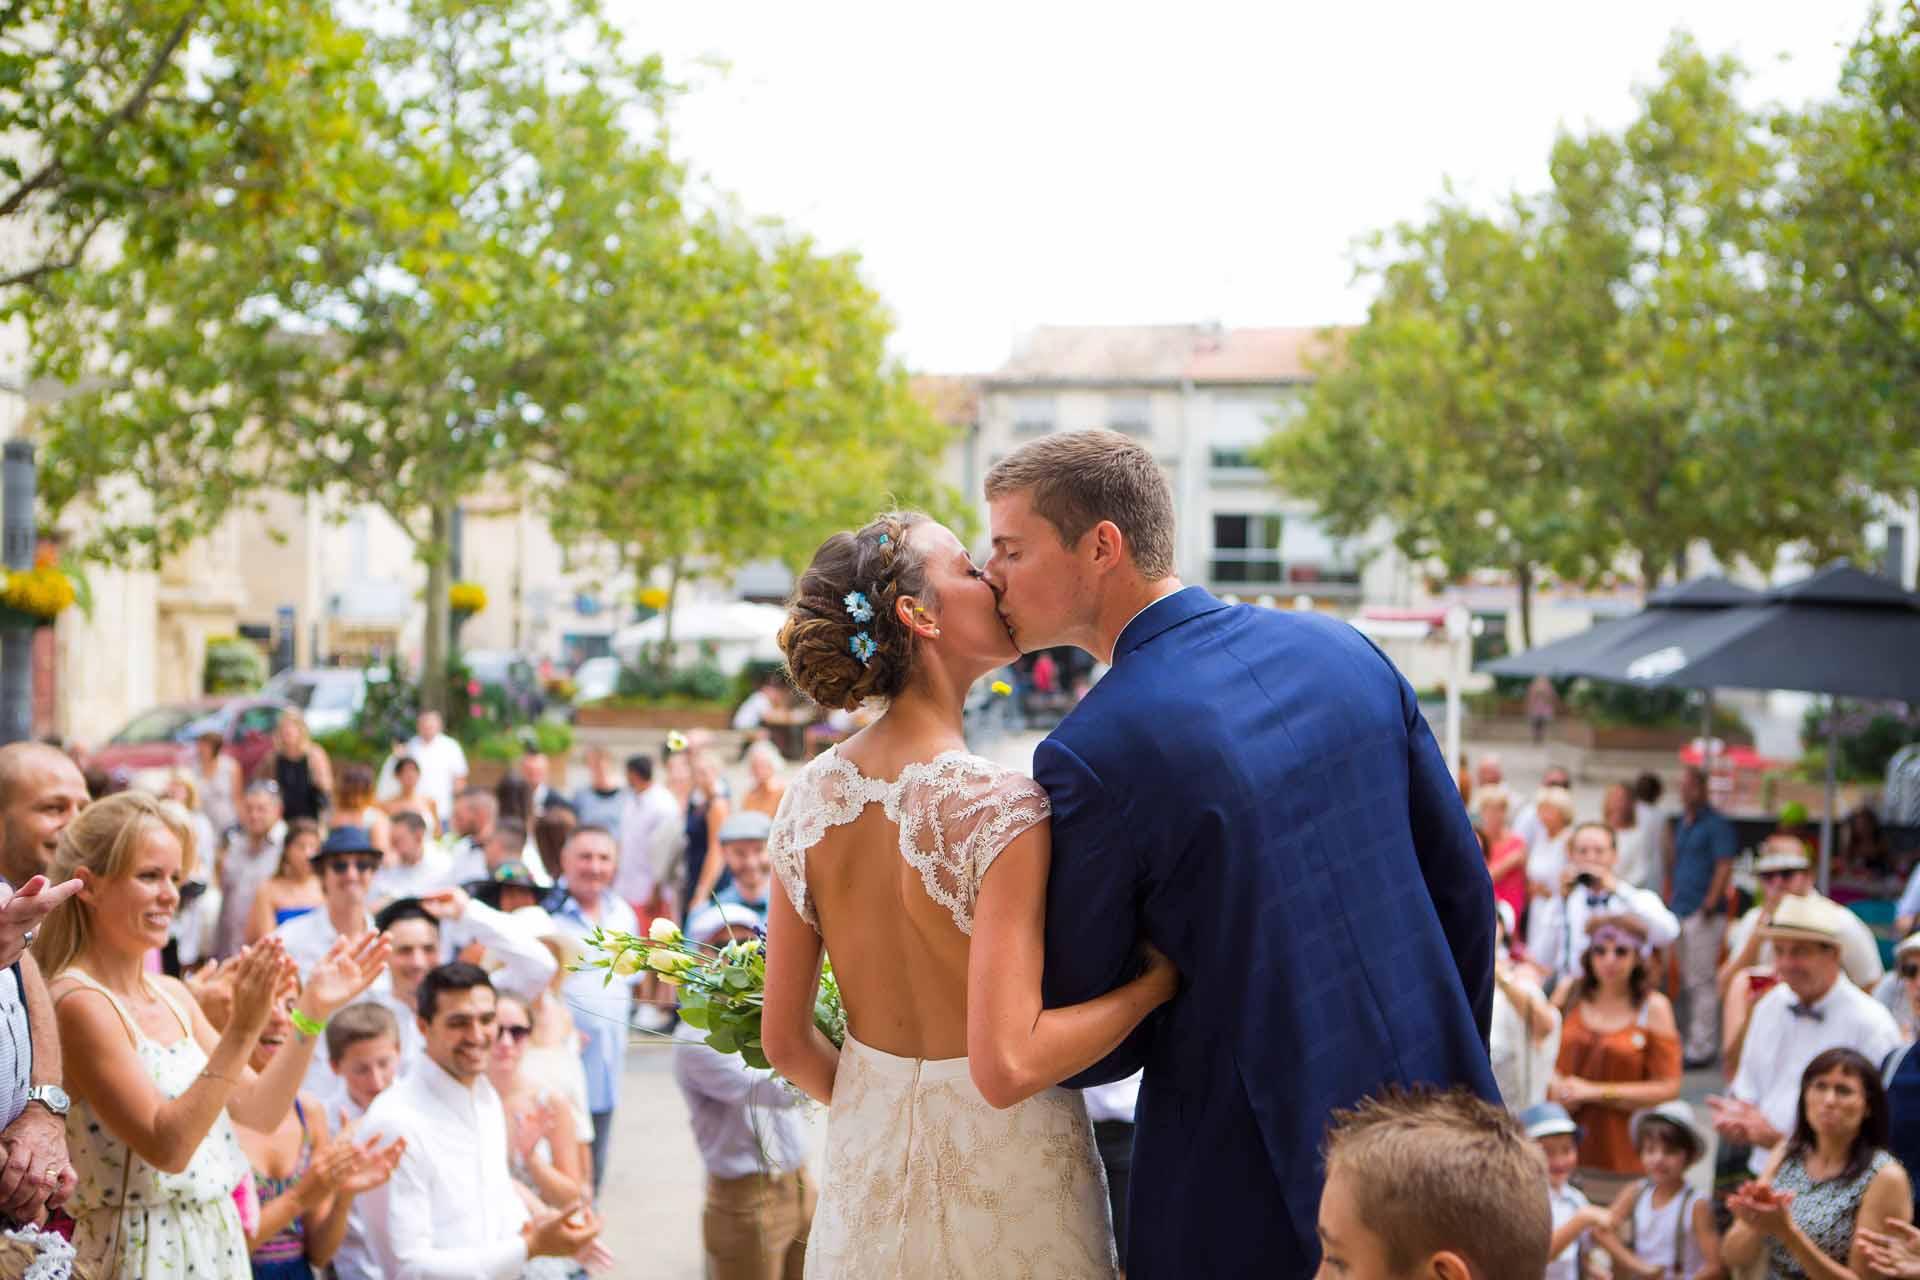 Mariage pres de Montpellier Beziers , sortie d 'Eglise